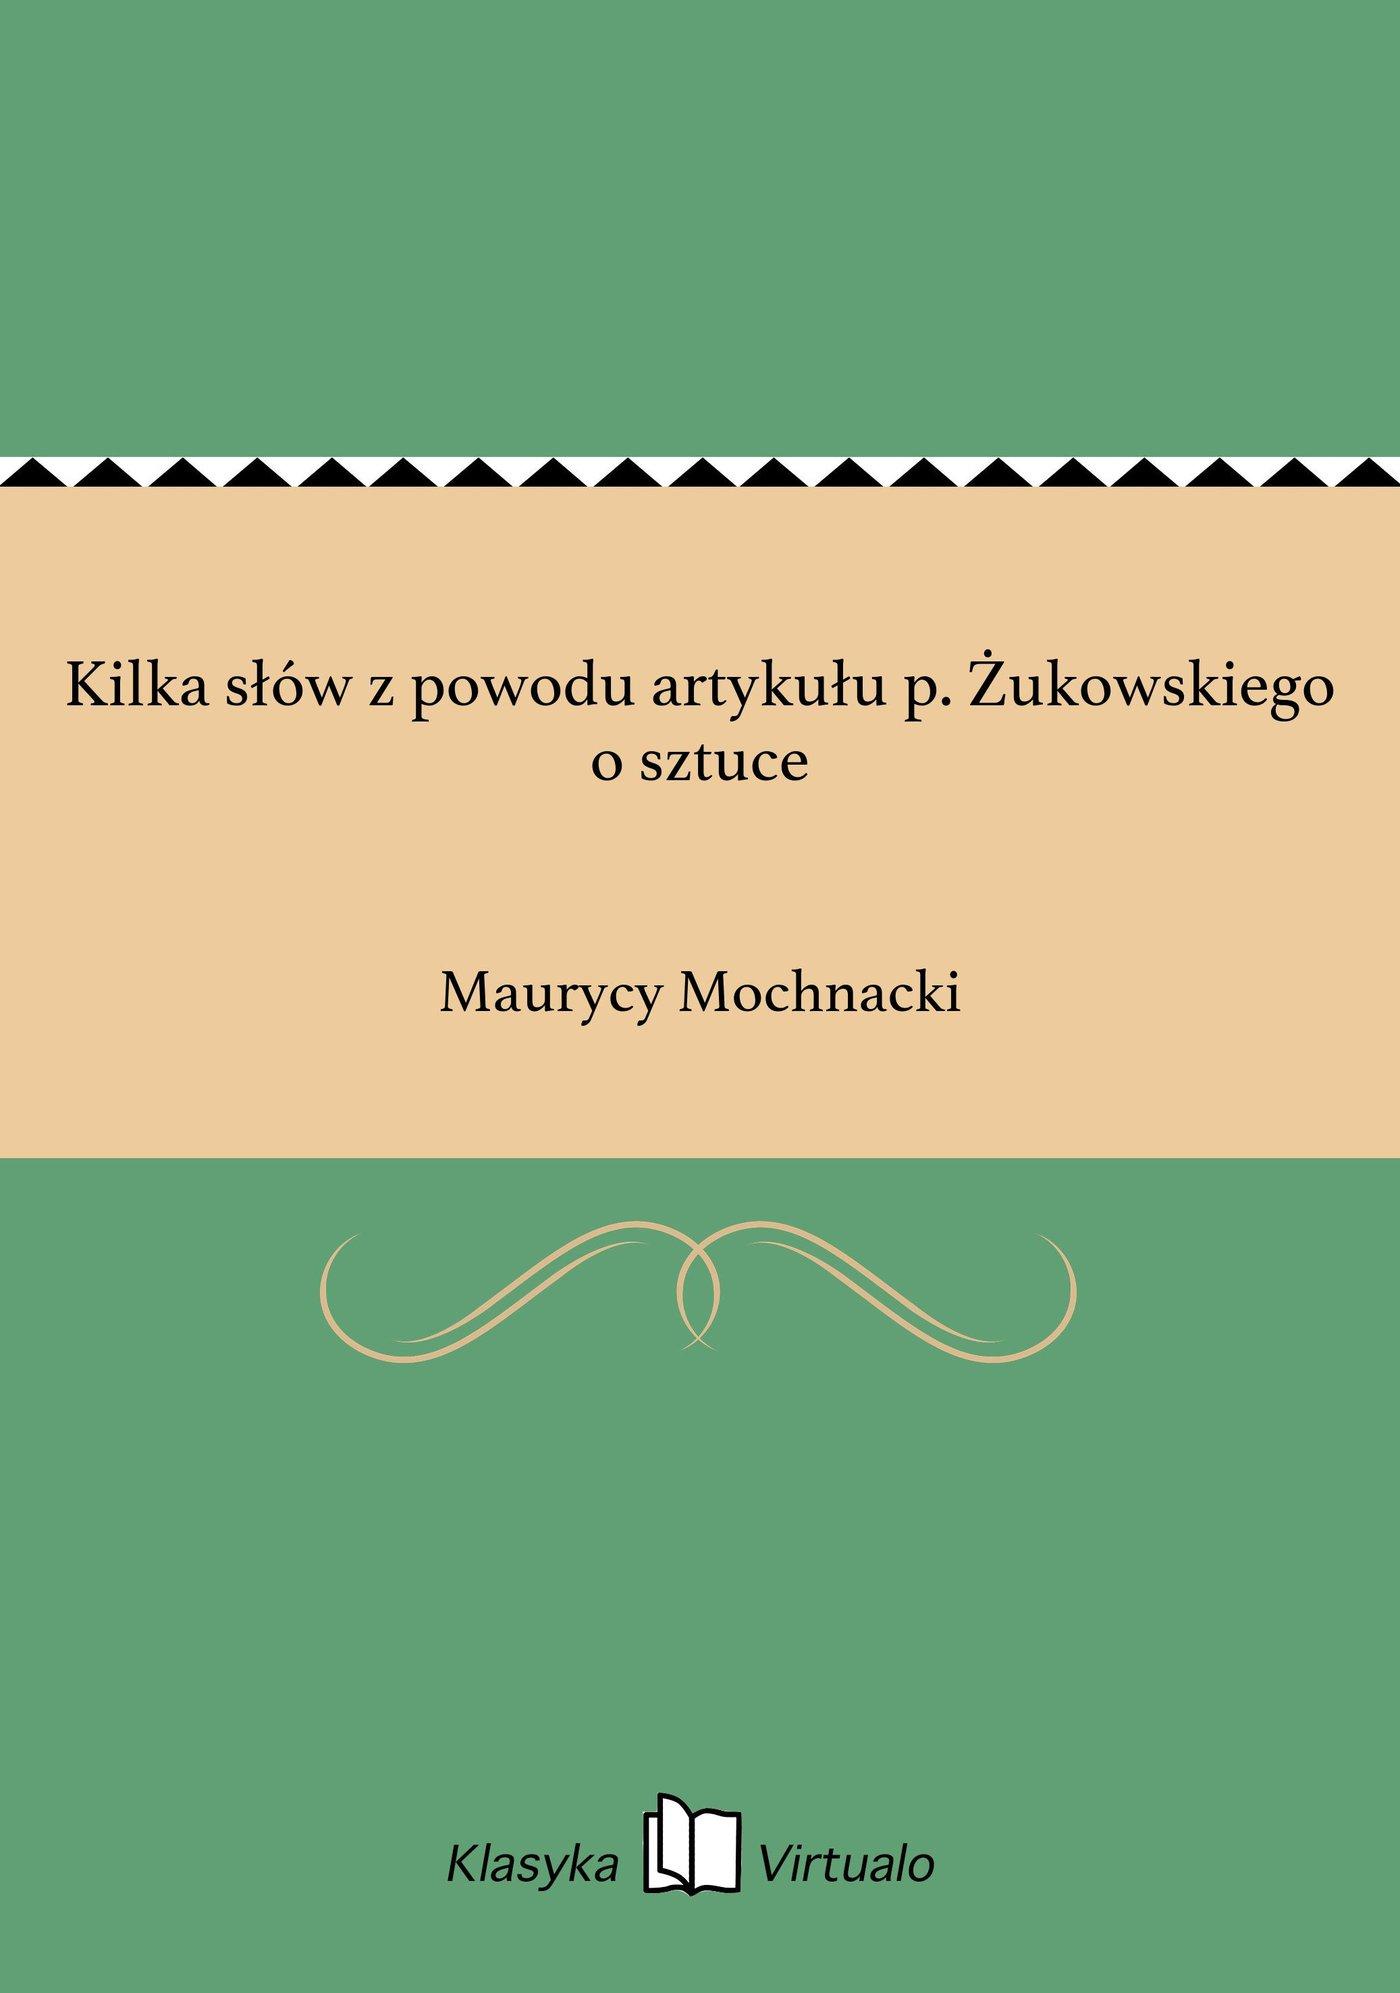 Kilka słów z powodu artykułu p. Żukowskiego o sztuce - Ebook (Książka EPUB) do pobrania w formacie EPUB